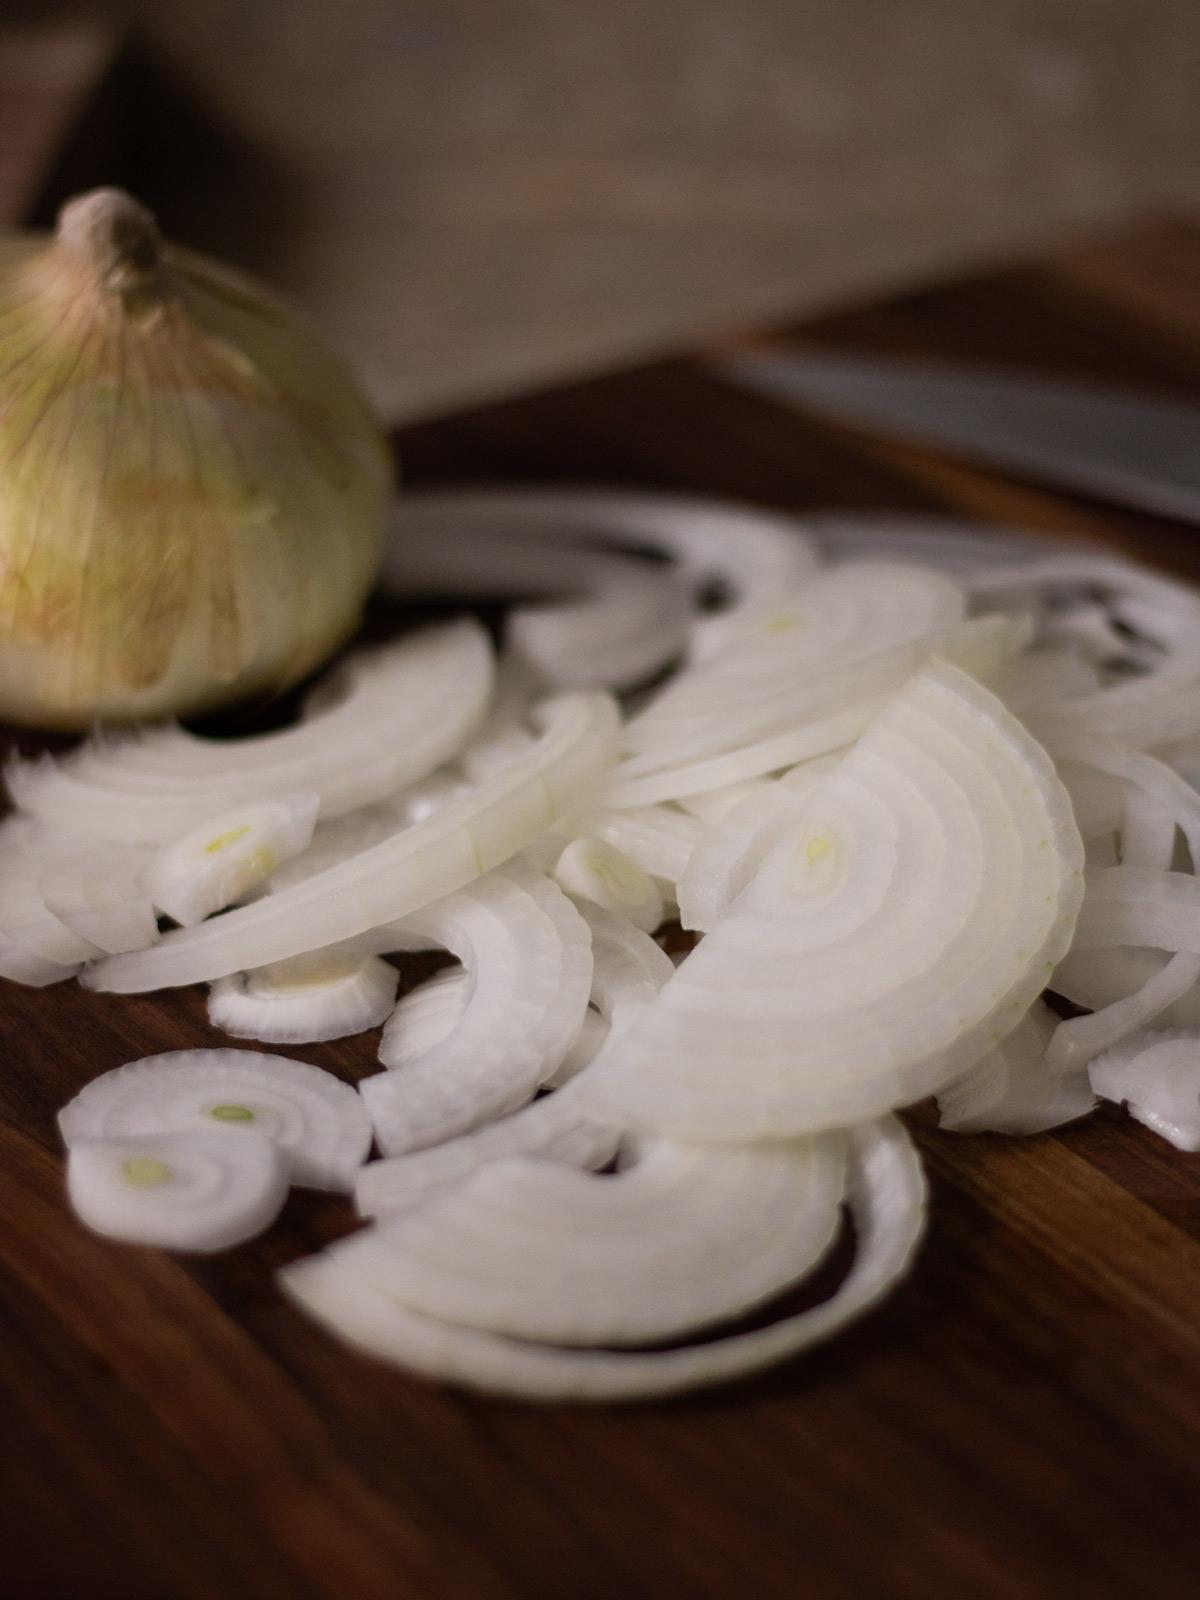 sliced onion on cutting board